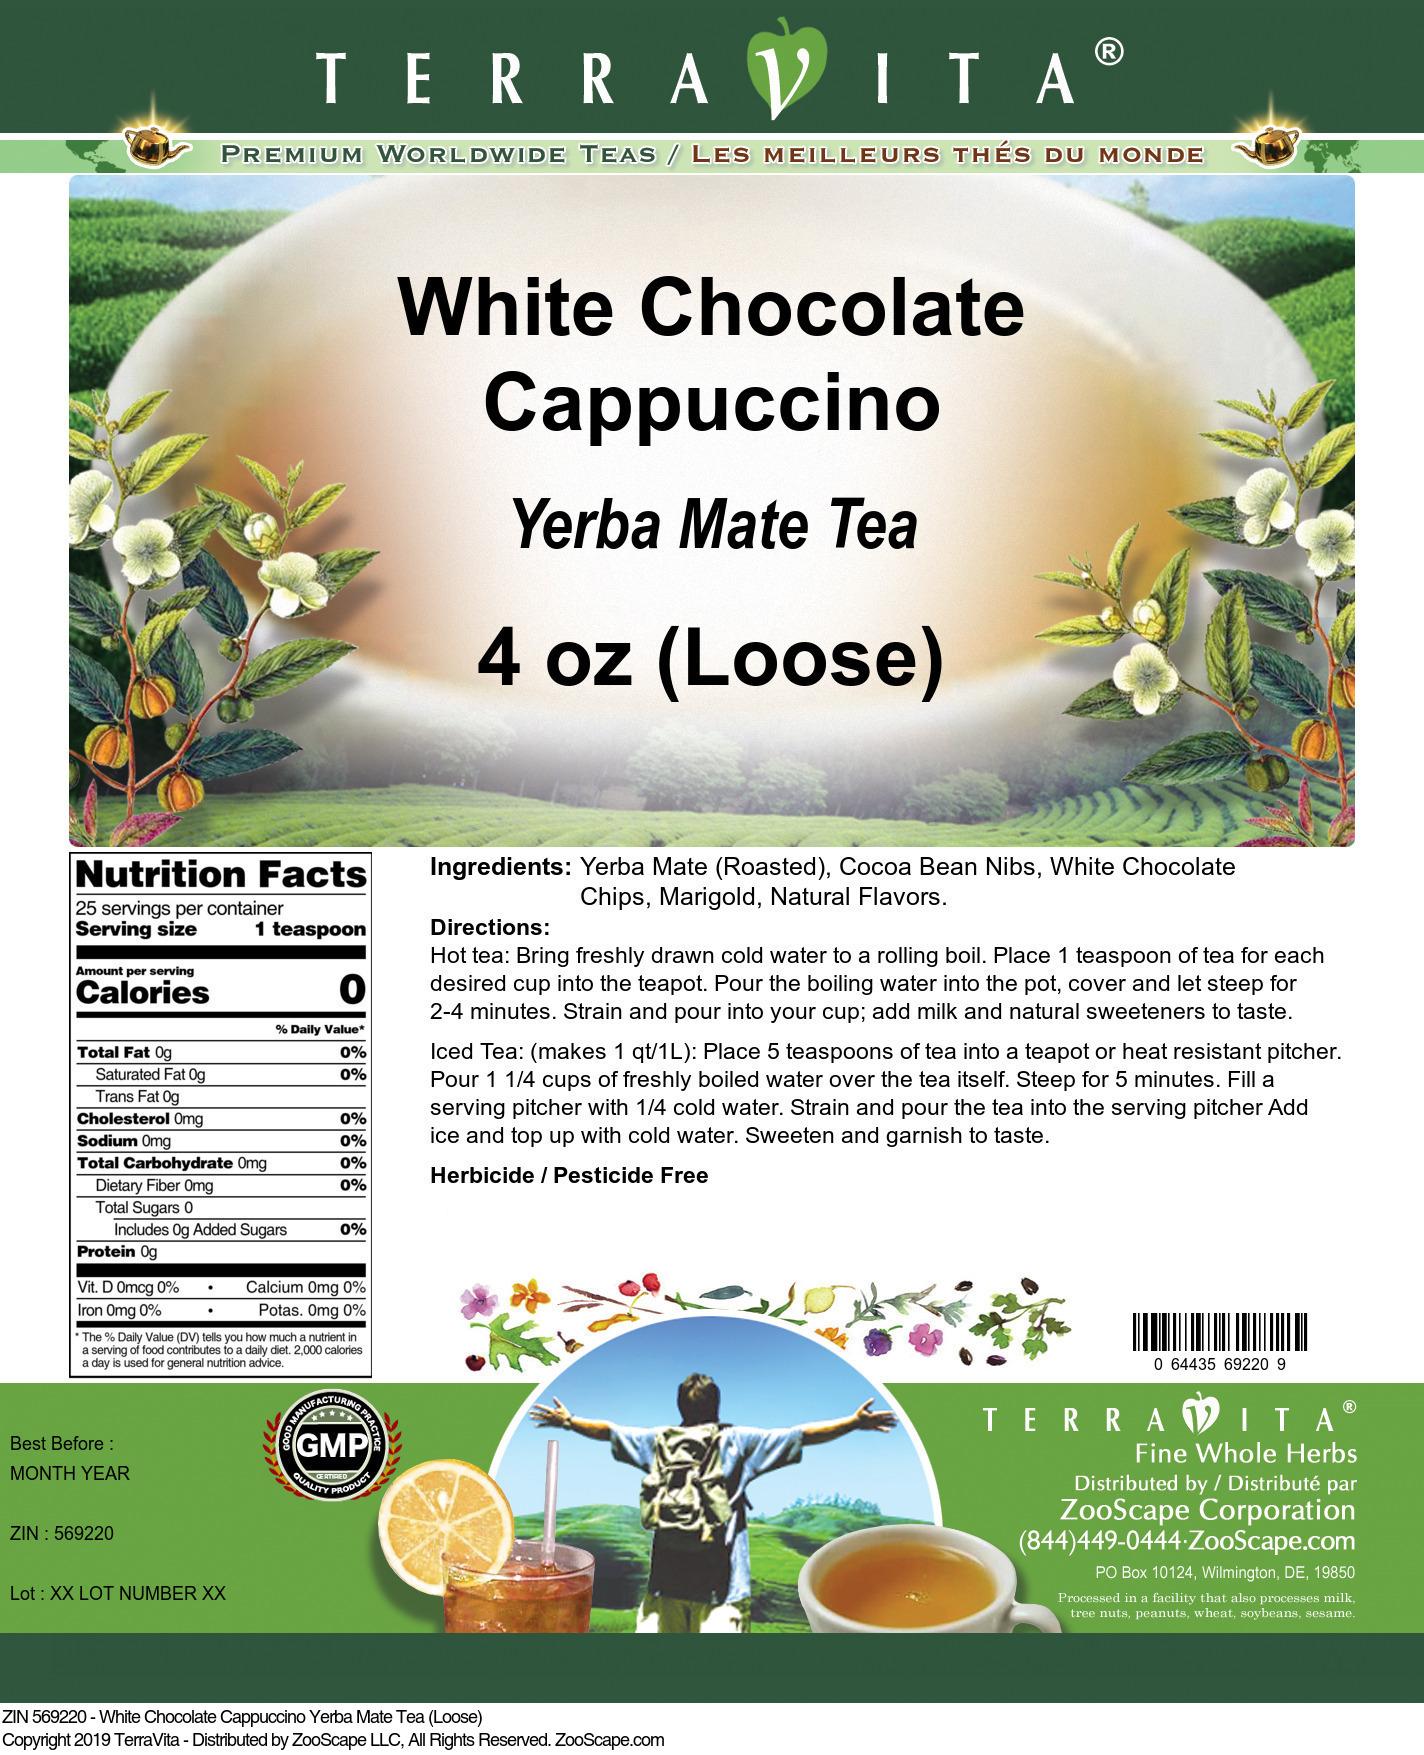 White Chocolate Cappuccino Yerba Mate Tea (Loose)